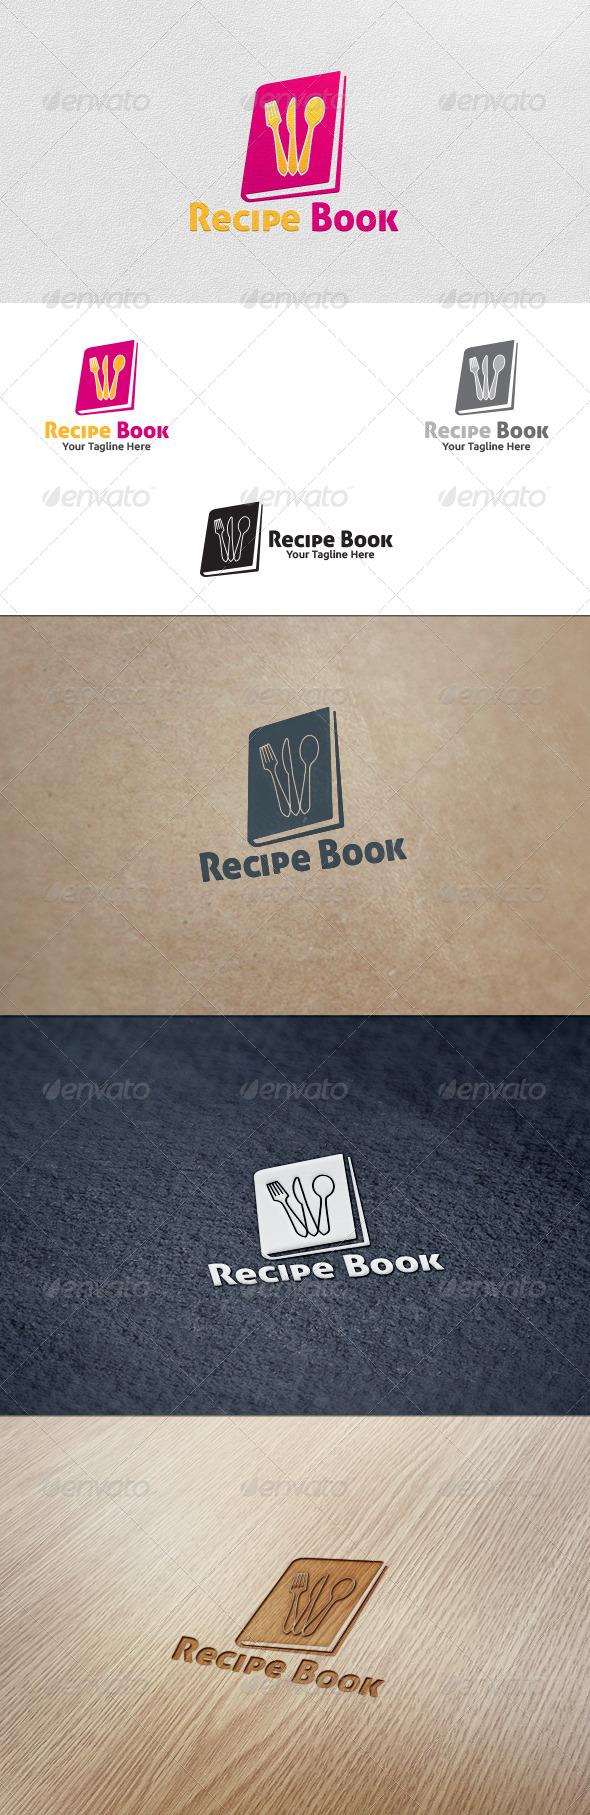 Recipe Book - Logo Template